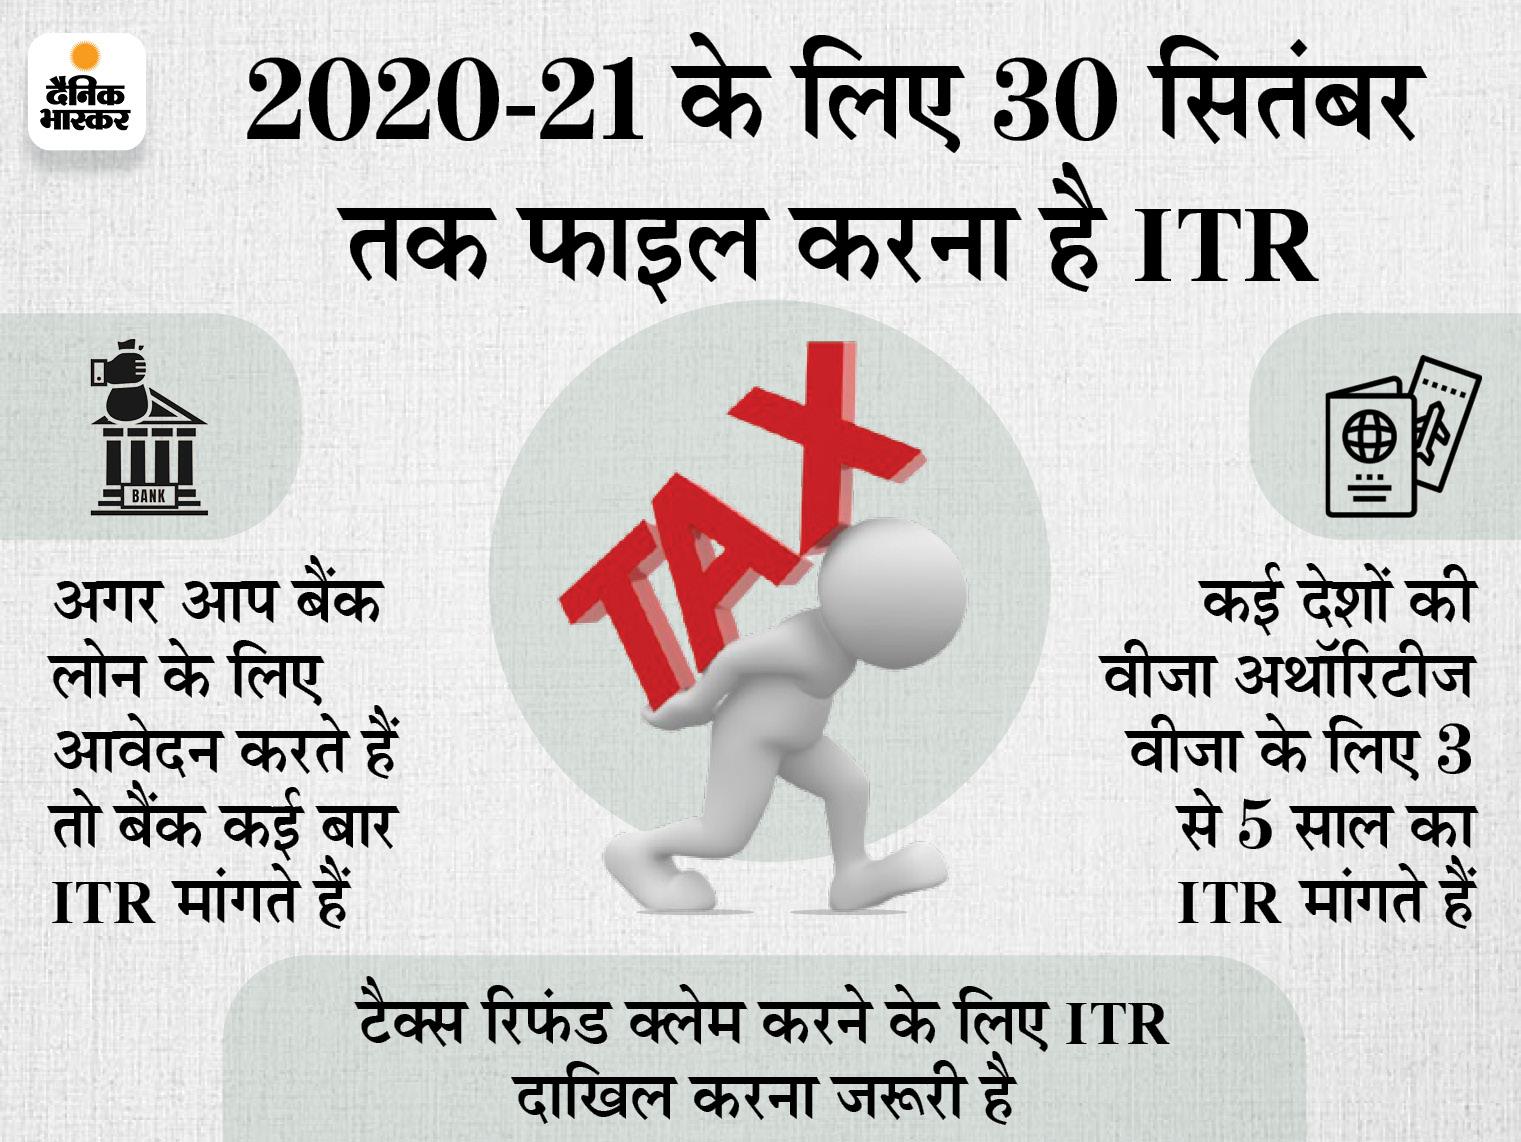 इनकम टैक्स रिटर्न भरने से वीजा और लोन मिलने जैसे कई काम हो जाते हैं आसान, यहां जानें ITR फाइल करने के 8 फायदे|बिजनेस,Business - Dainik Bhaskar